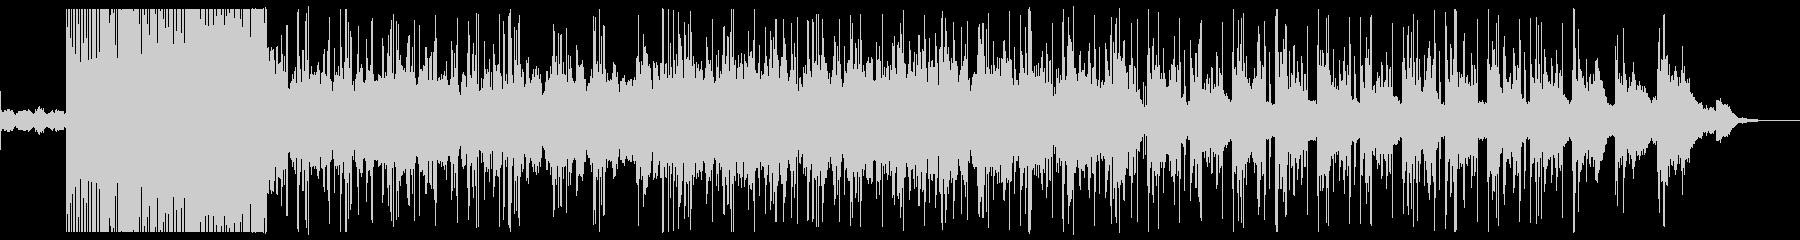 チルで印象的なシンセサウンドの曲の未再生の波形